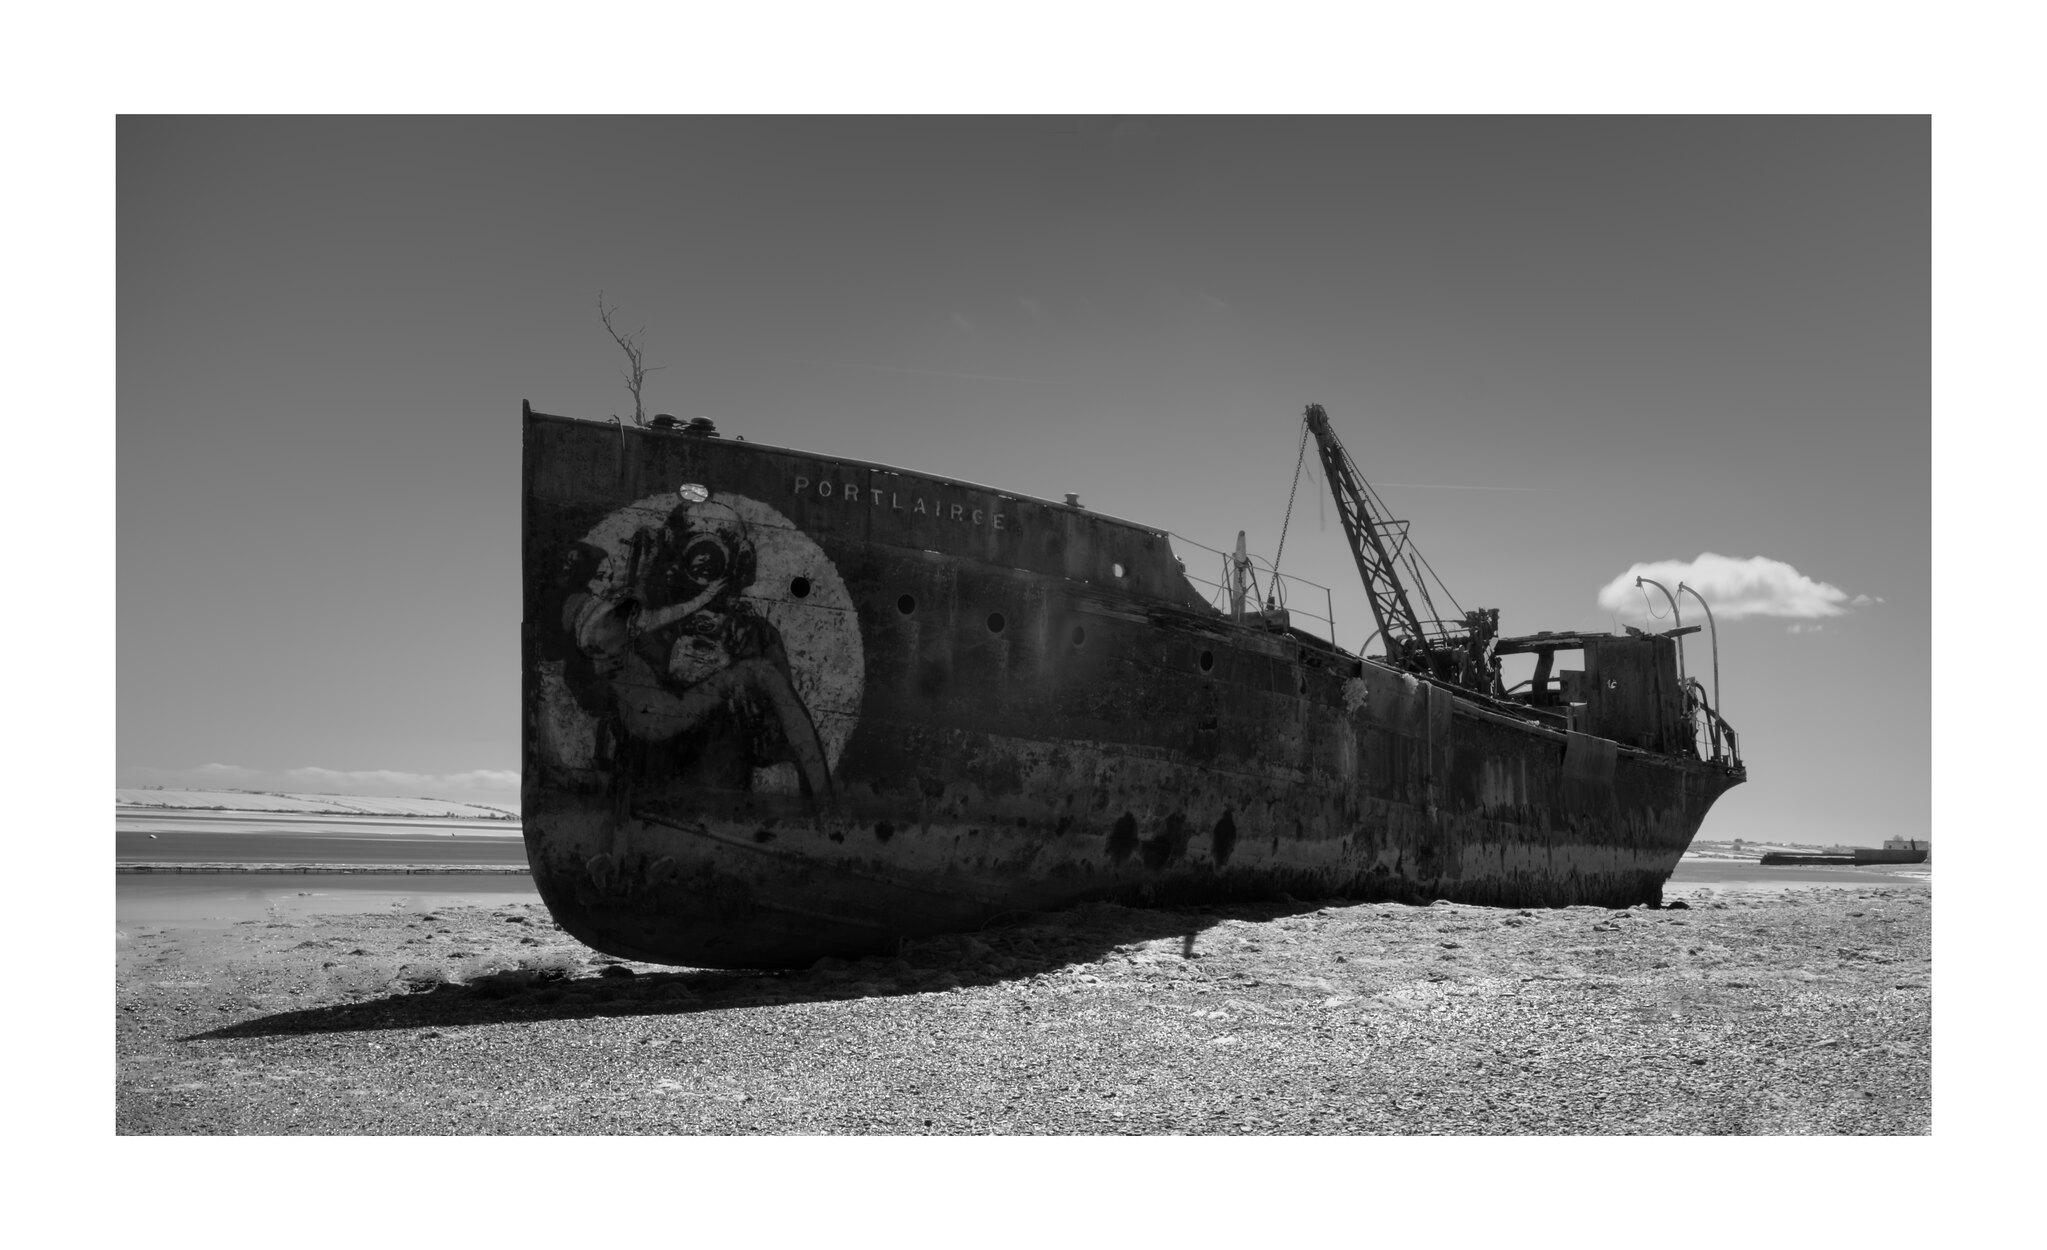 Portlairge wreck saltmills  wexford 11.jpg